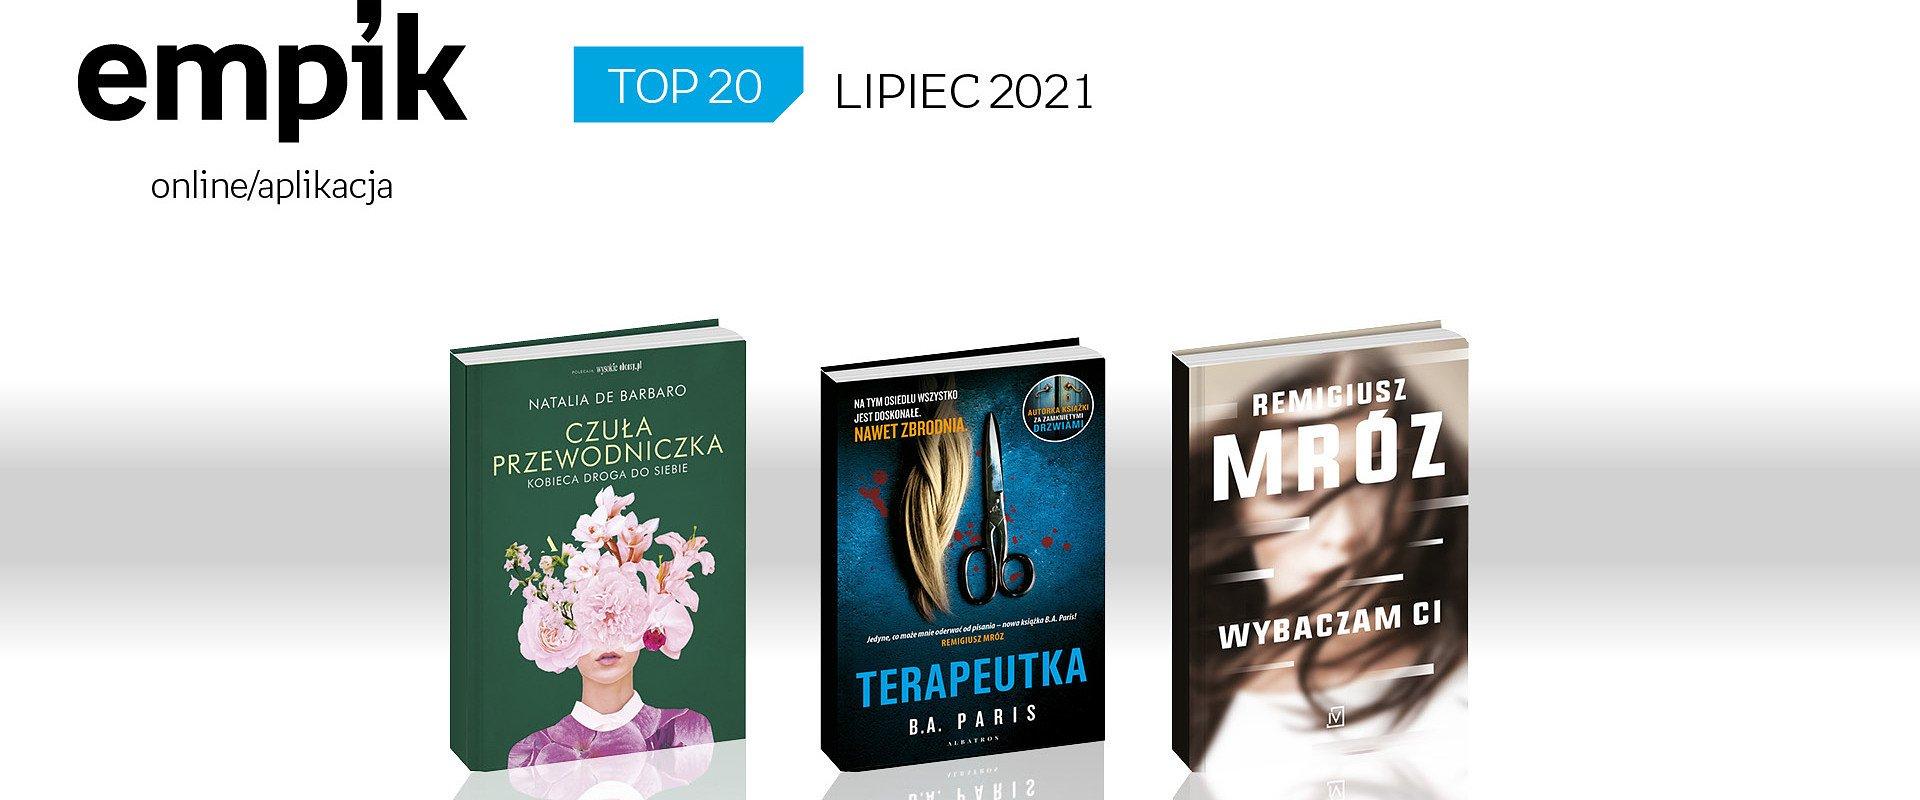 Lipcowe bestsellery książkowe w Empiku